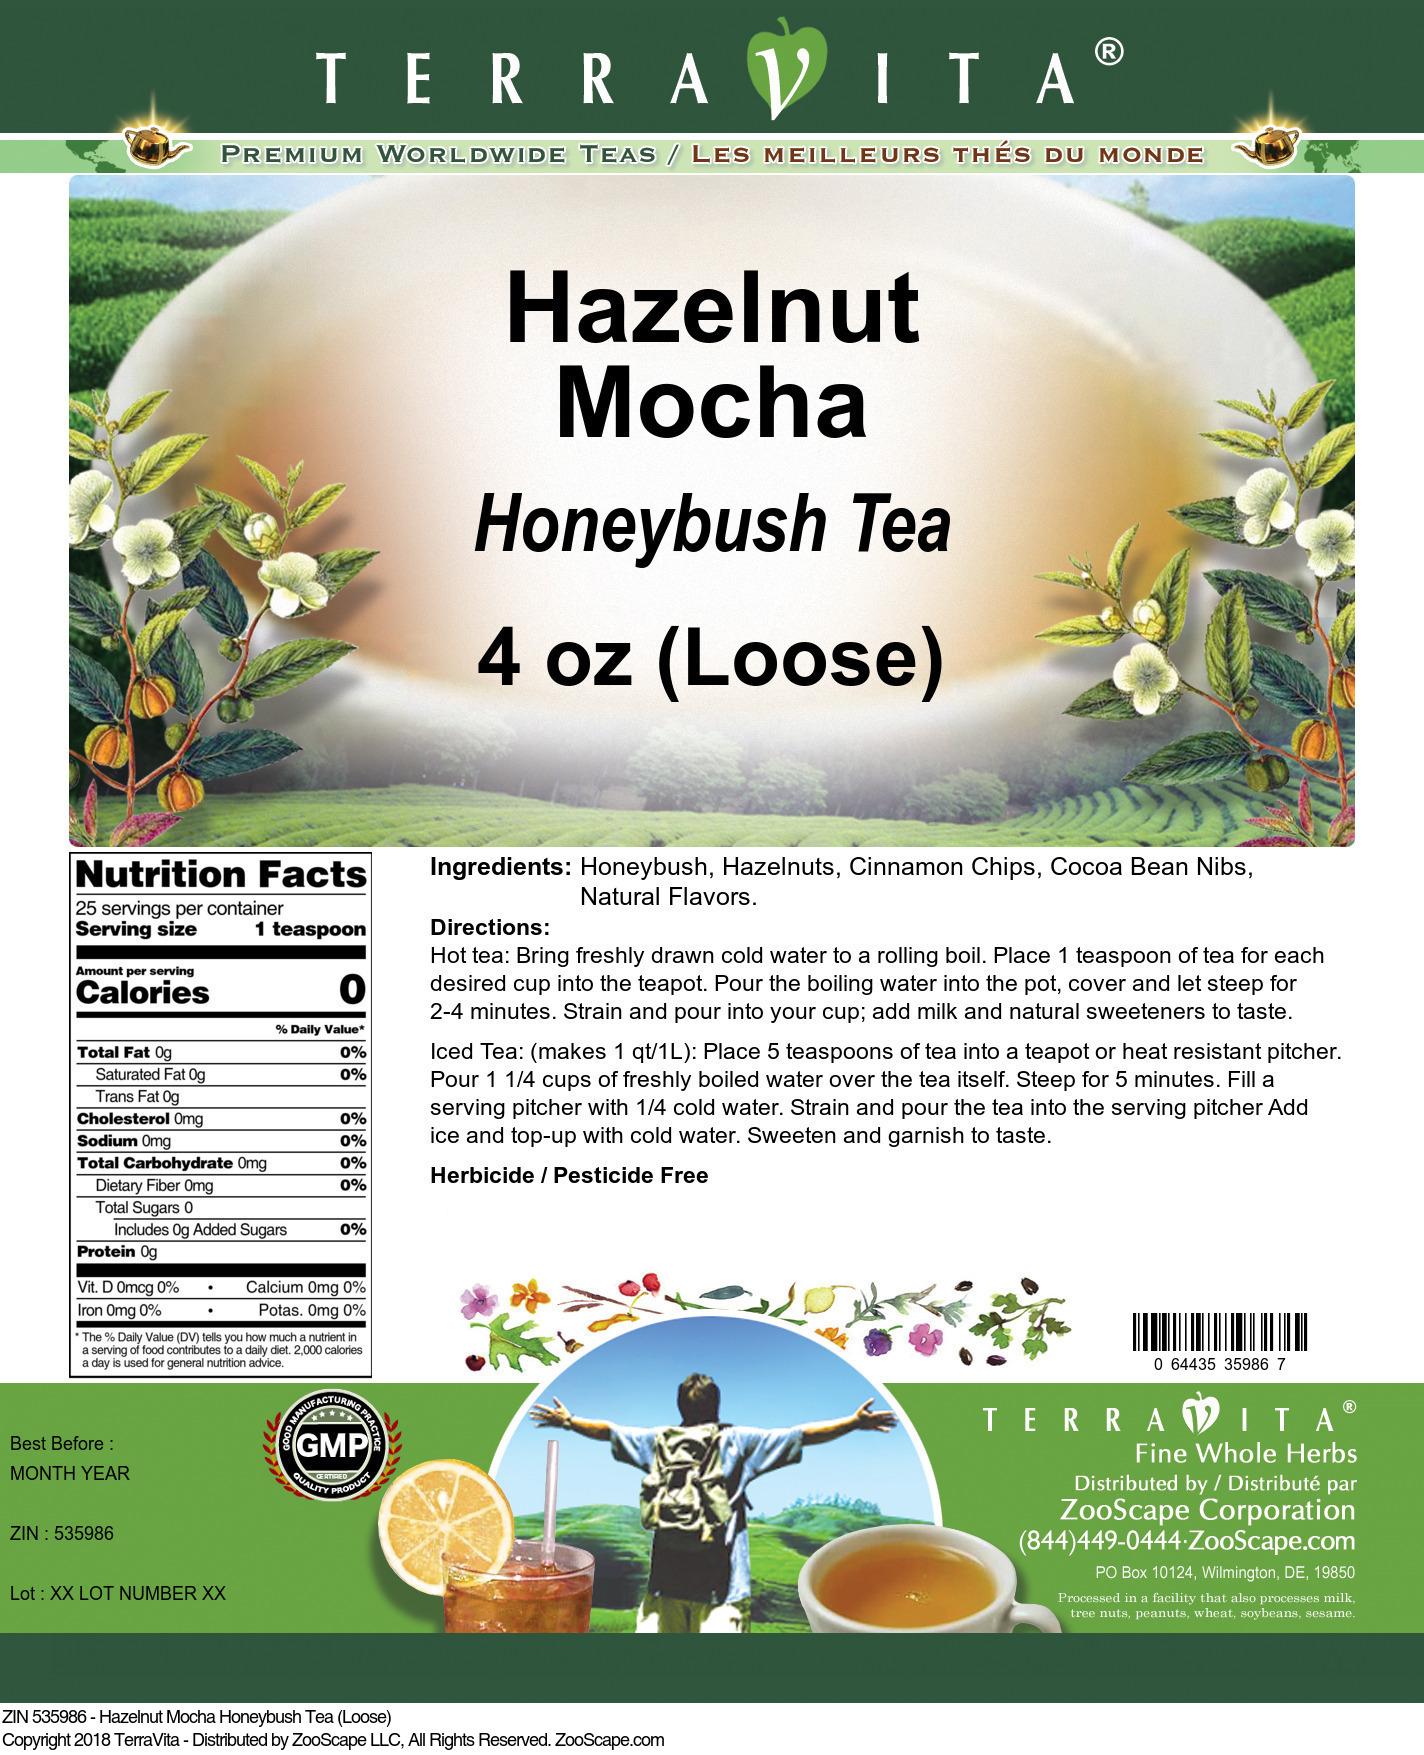 Hazelnut Mocha Honeybush Tea